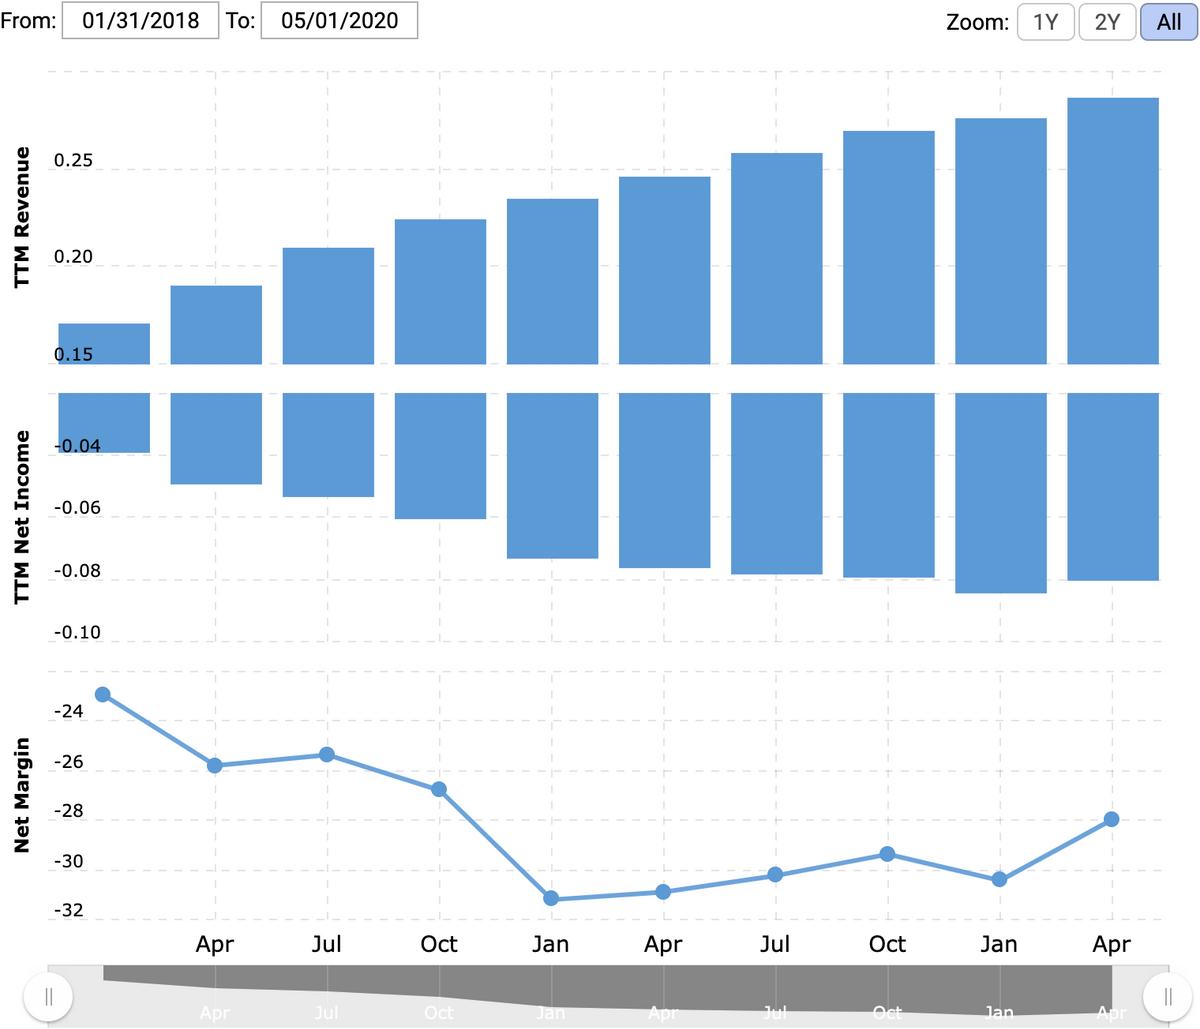 Выручка и убыток за последние 12 месяцев в миллиардах долларов, итоговая маржа в процентах от выручки. Источник: Macrotrends